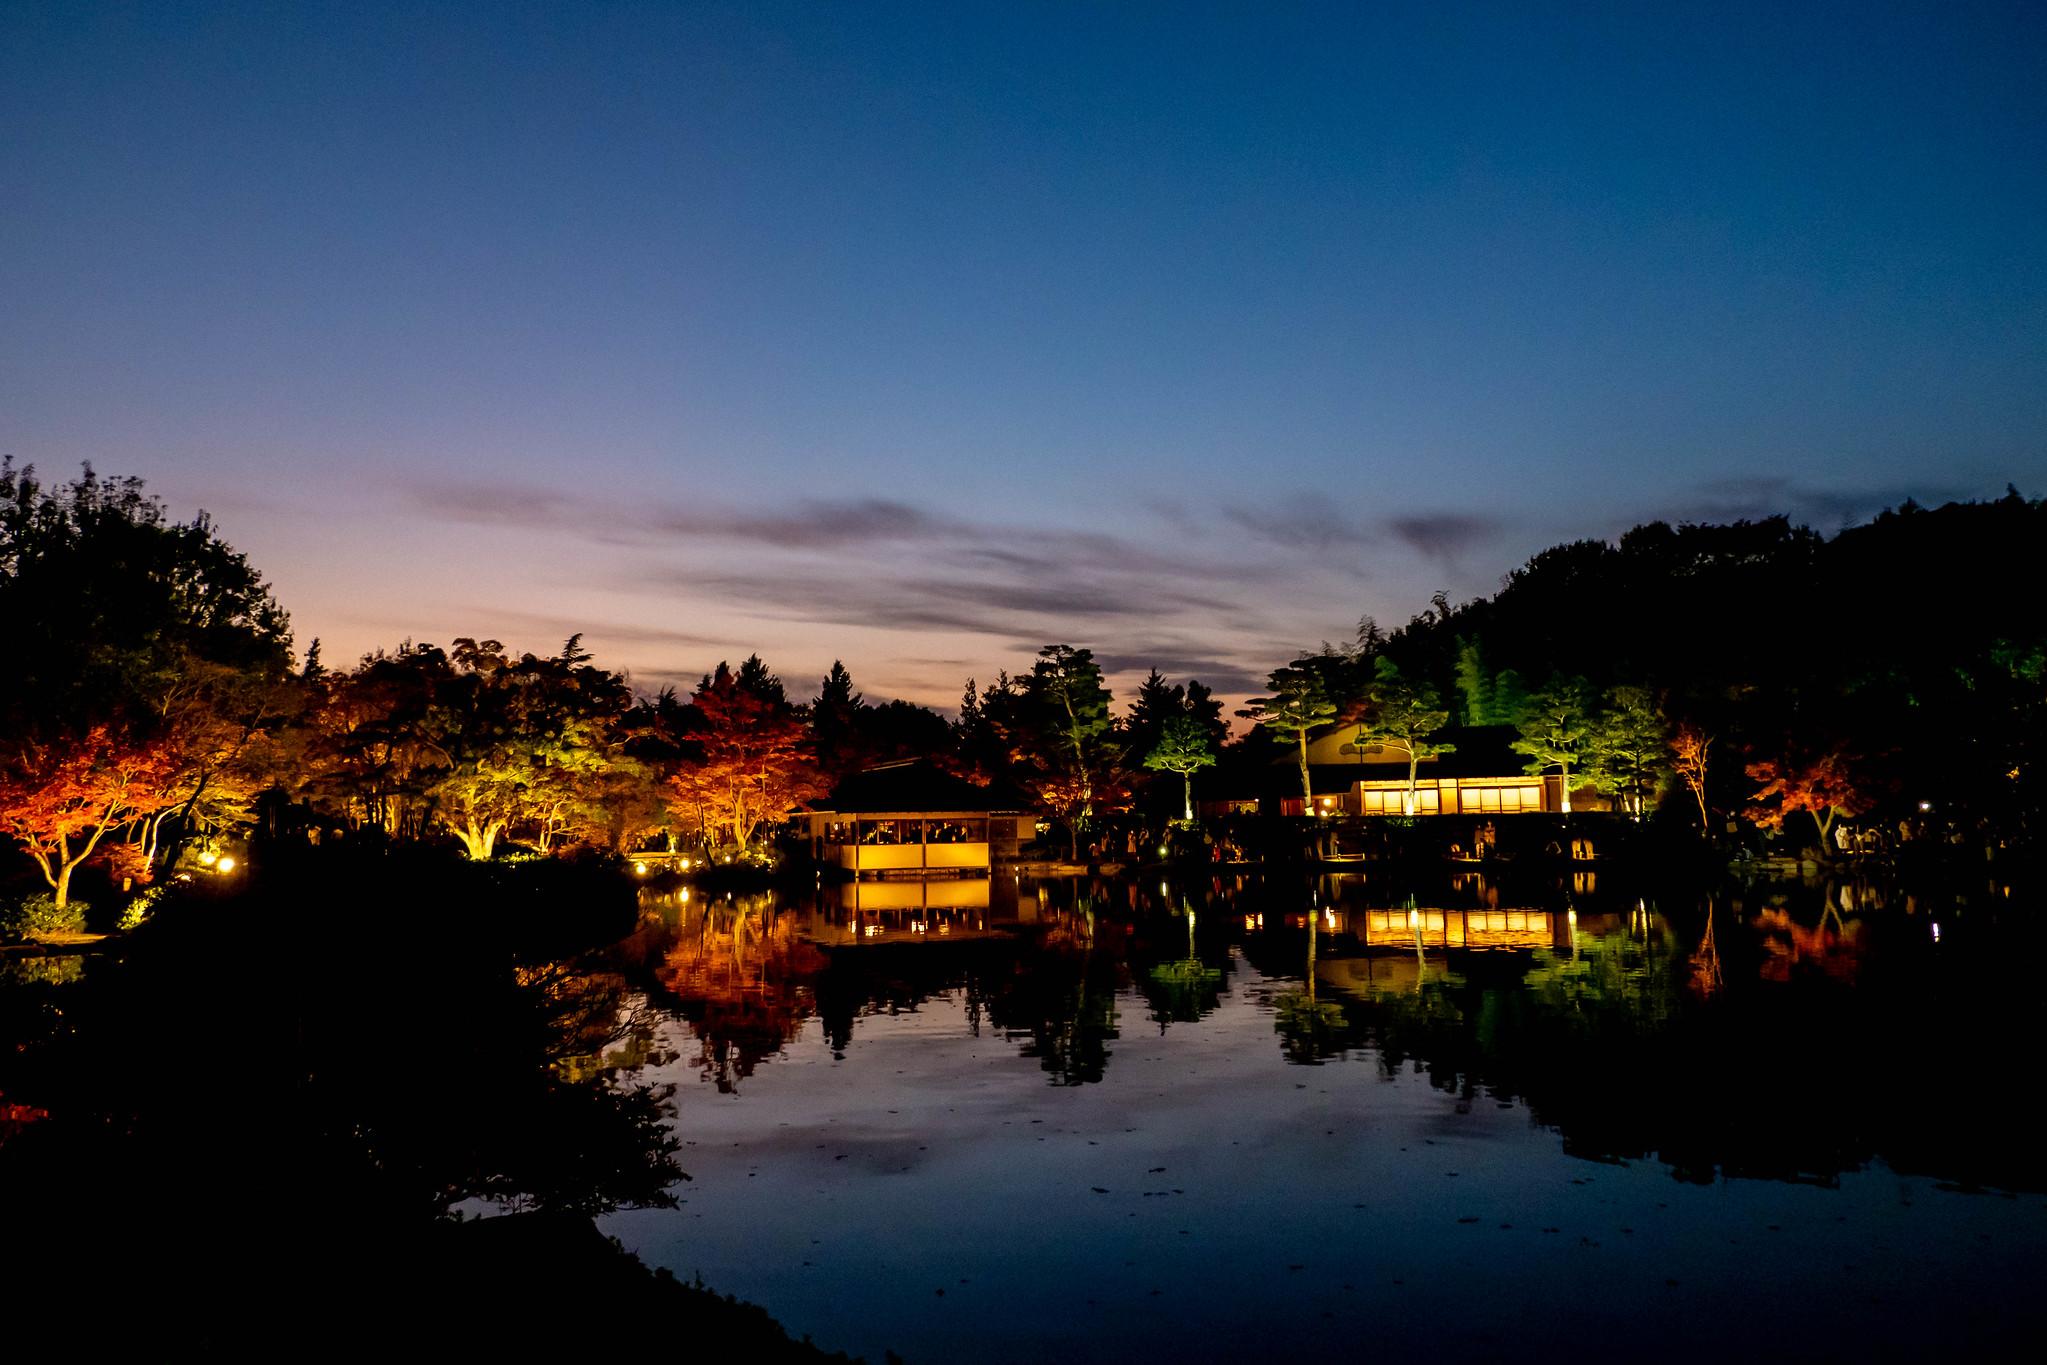 紅葉のライトアップと黄昏リフレクション 昭和記念公園 秋の夜散歩2020